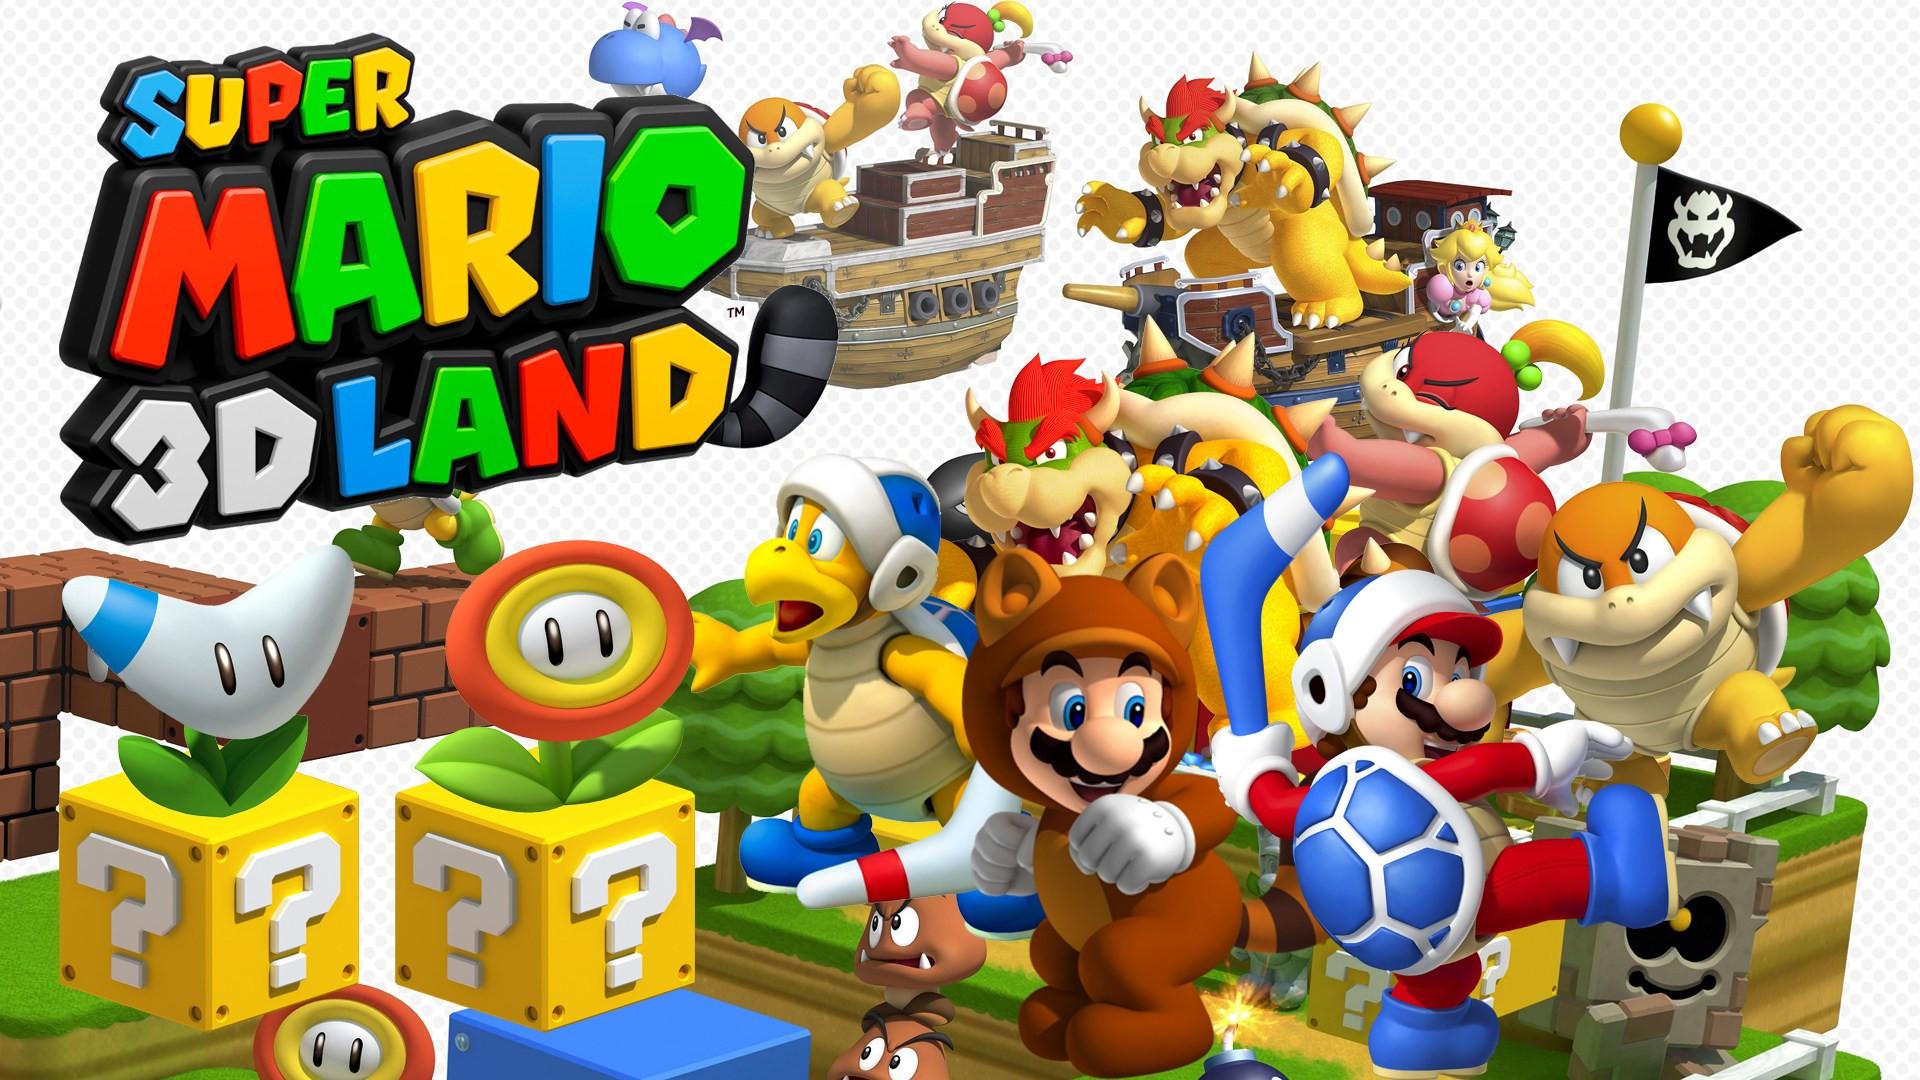 Ausmalbilder Super Mario 3d World Das Beste Von 48 Großartig Ausmalbilder Mario Rosalina Malvorlagen Sammlungen Sammlung